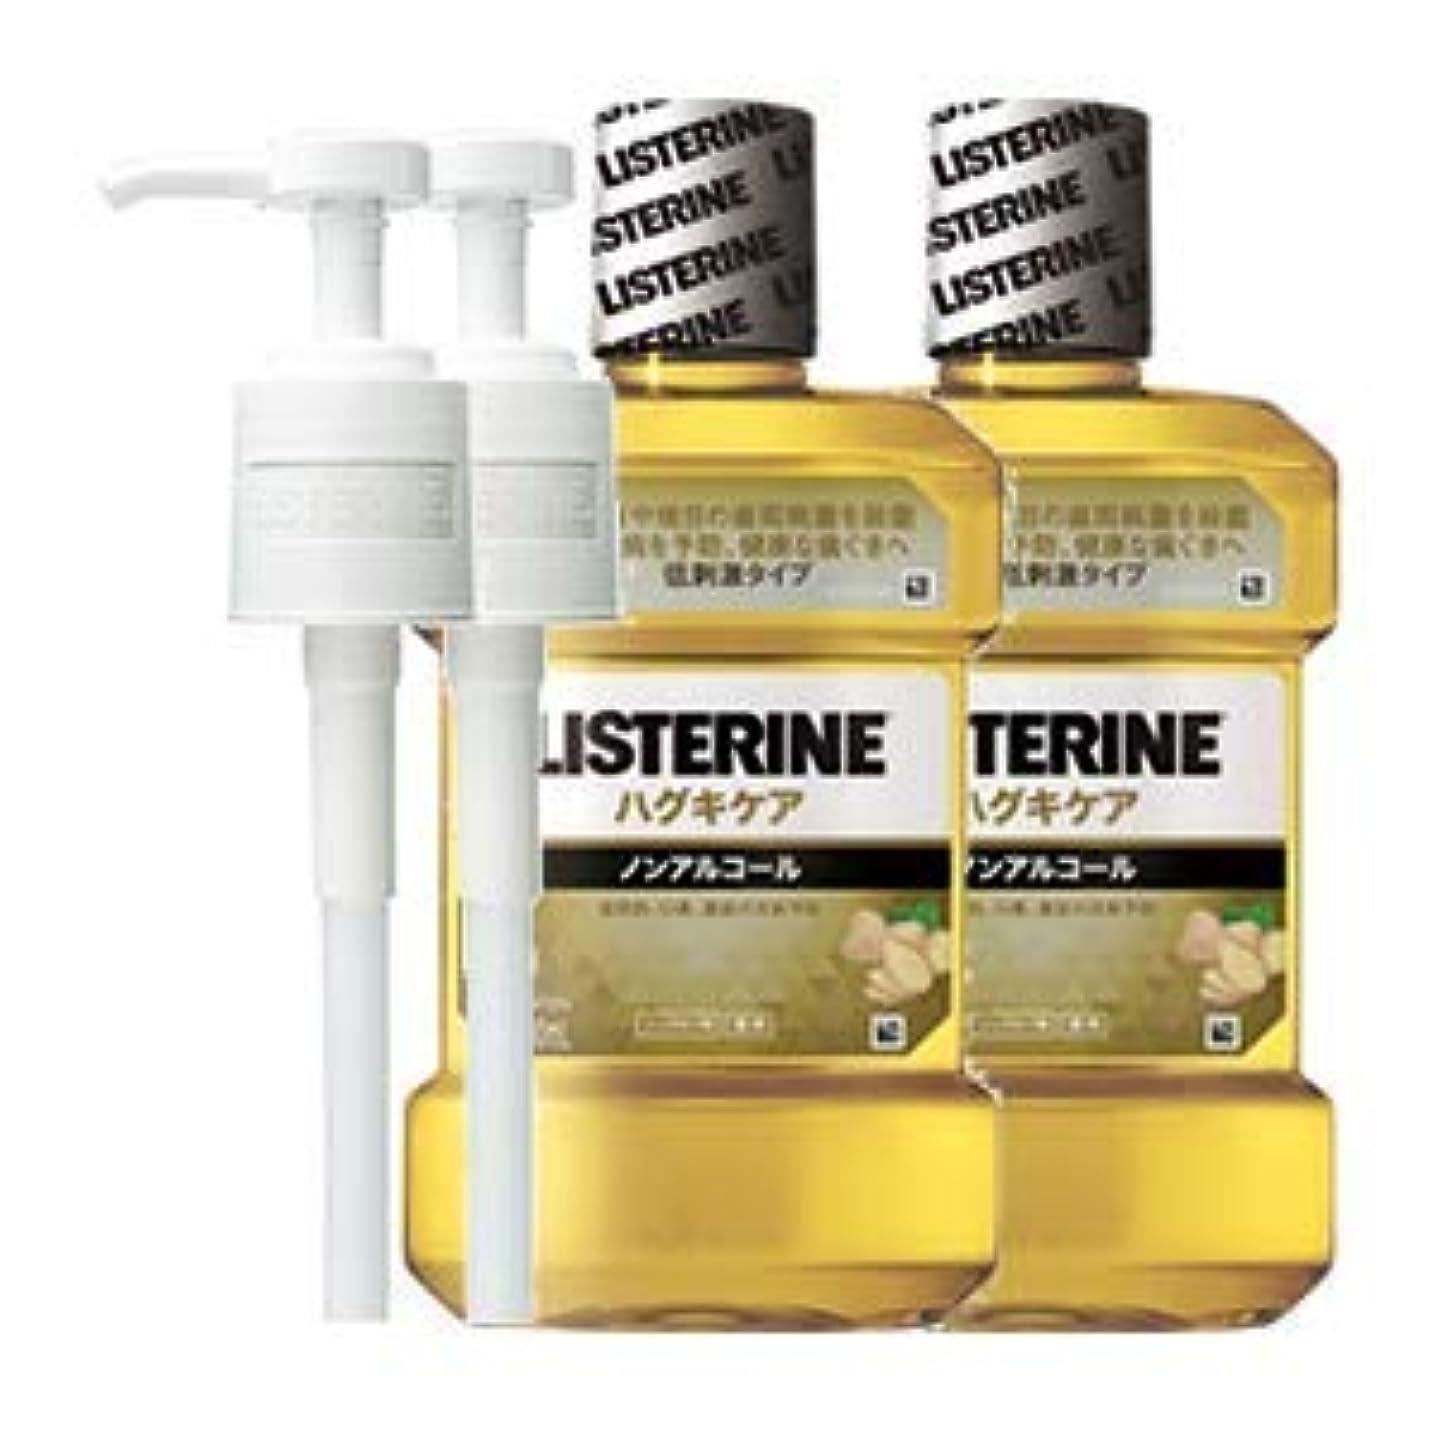 お風呂を持っている米国ちょっと待って薬用リステリン ハグキケア (液体歯磨) 1000mL 2点セット (ポンプ付)